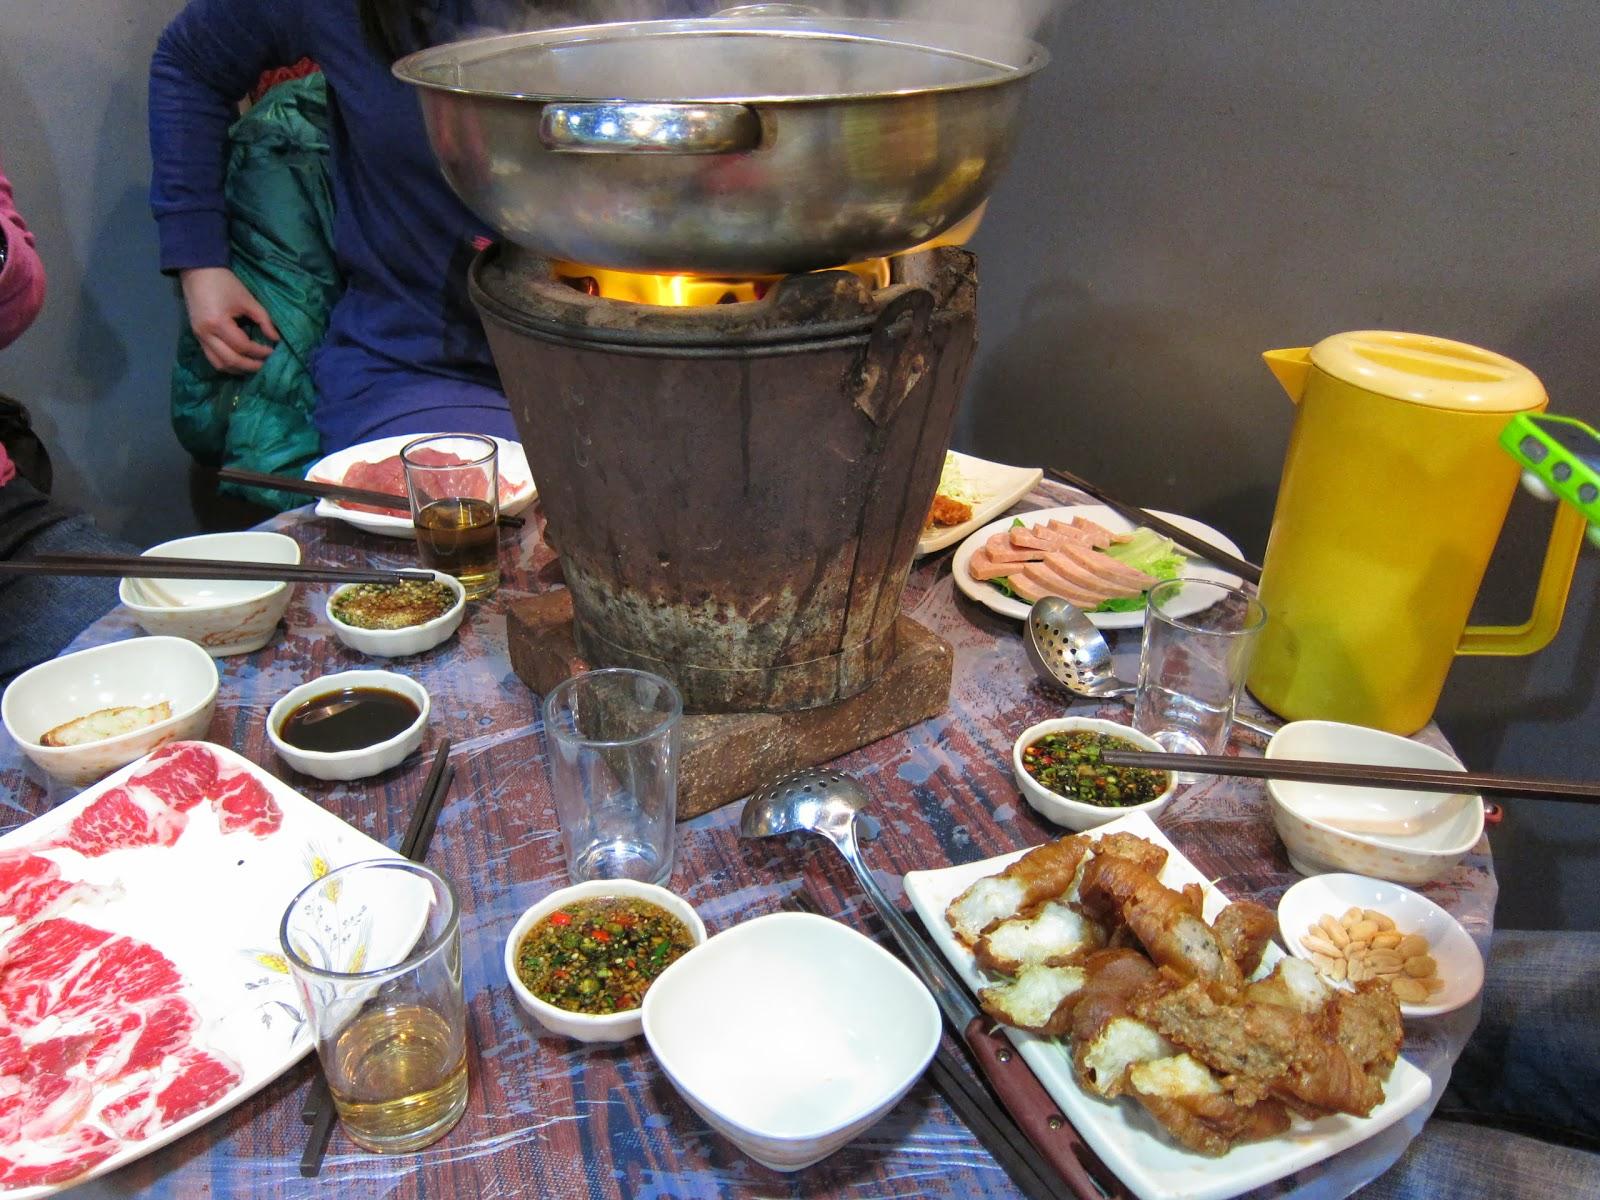 金和記海鮮菜館 (炭爐邊爐) - 火鍋 - SeeWide